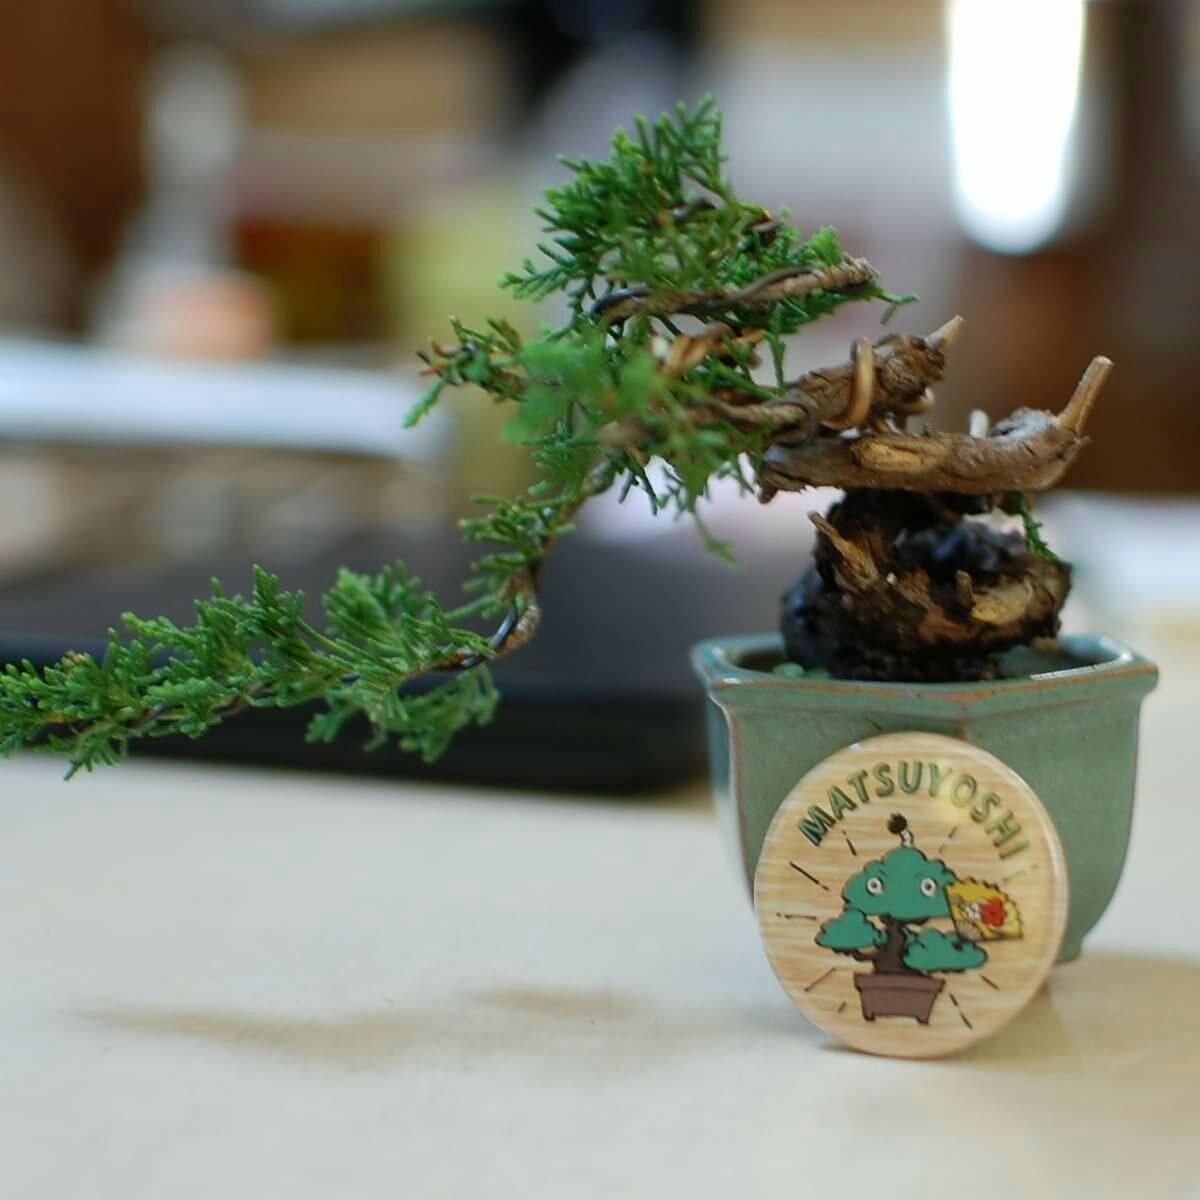 ミニ盆栽 黒松 小品盆栽「まっちゃん」缶バッジ 44mm 松慶盆栽園オリジナルキャラクターです。_画像4